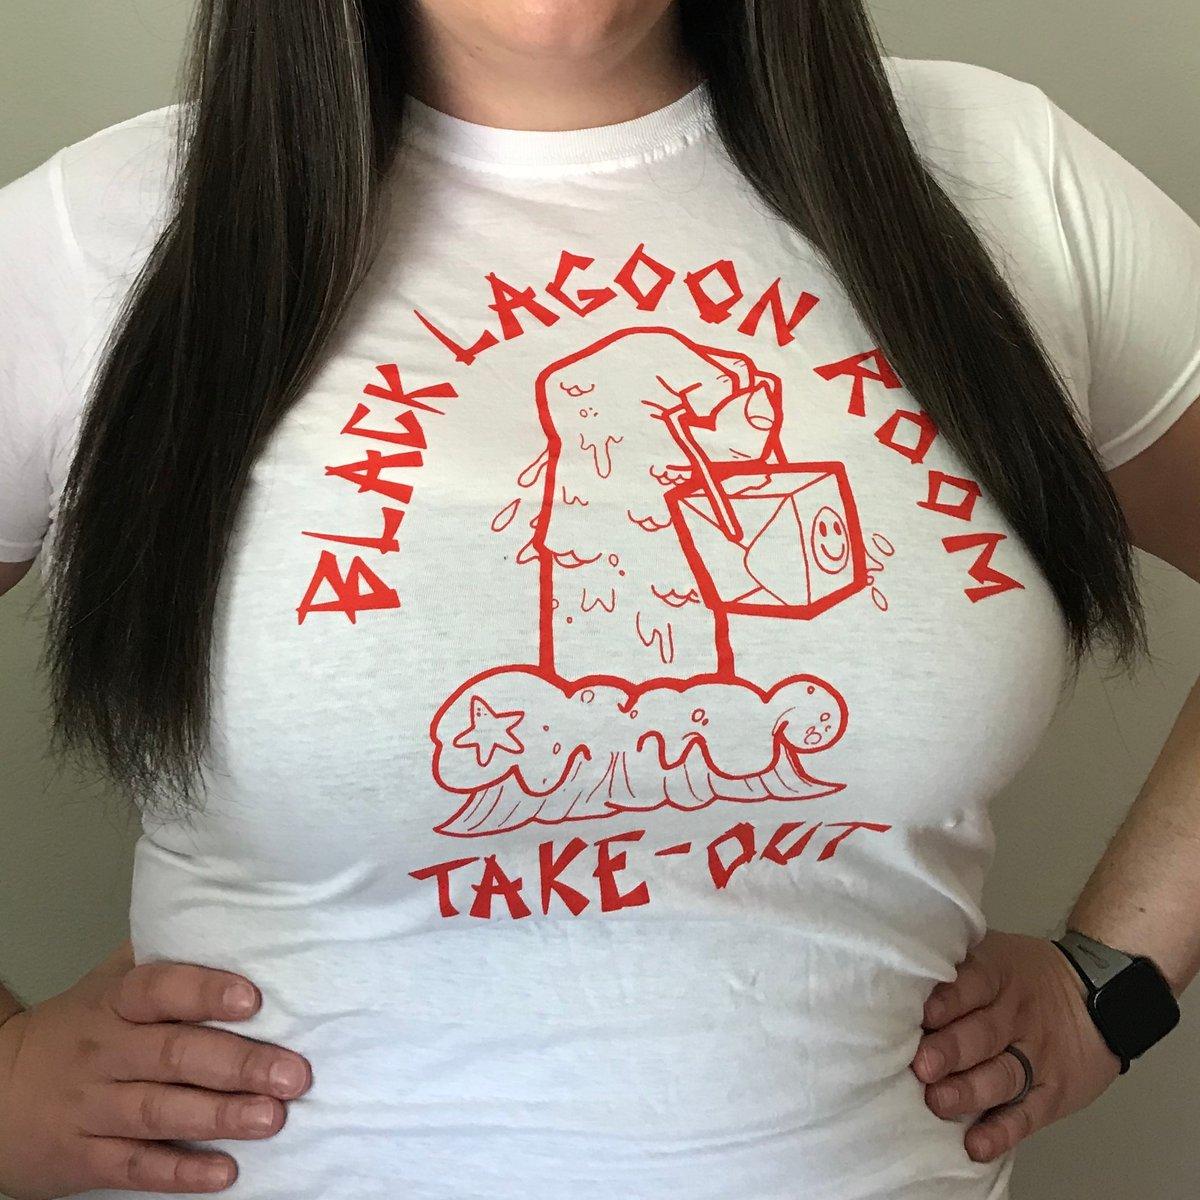 BLACK LAGOON ROOM Take-Out Ladies Cut Logo T-Shirt